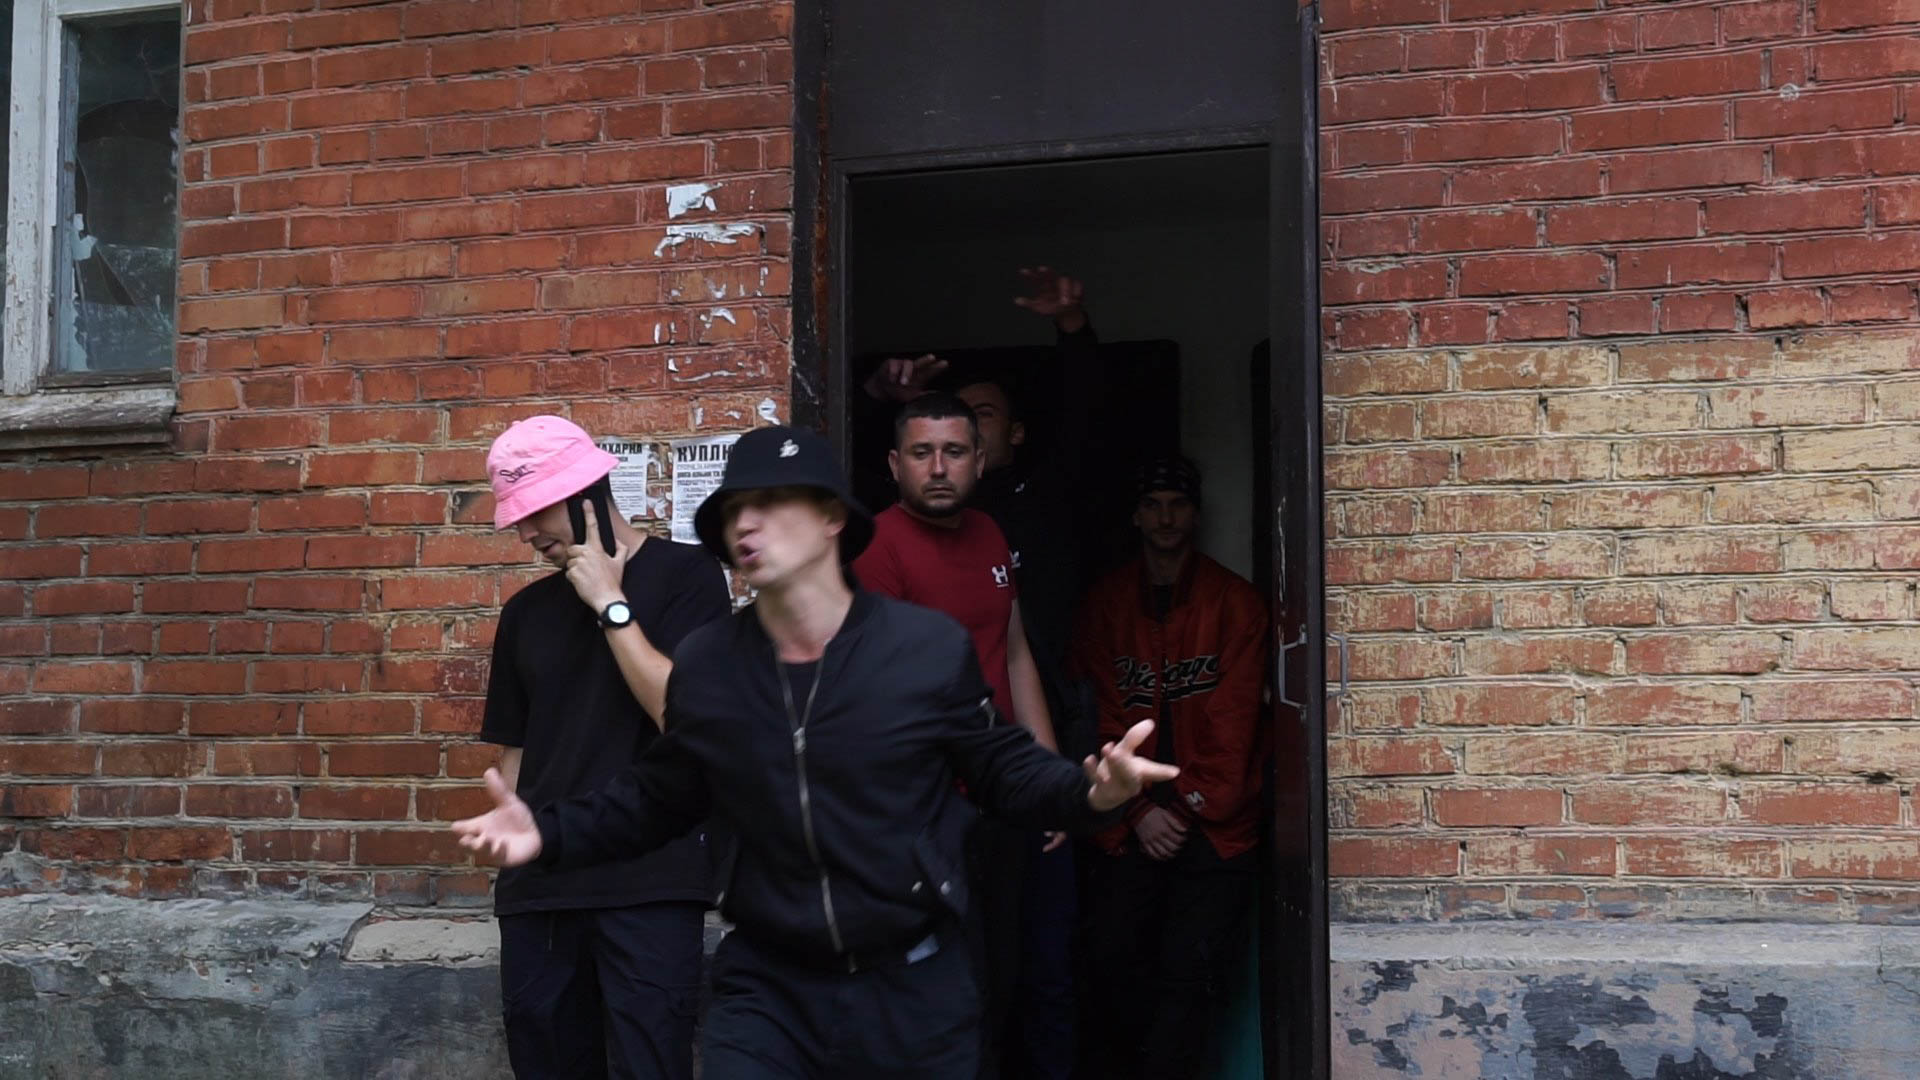 Реп-тріо Kalush зняло кліп у рідному місті (ФОТО, ВІДЕО)